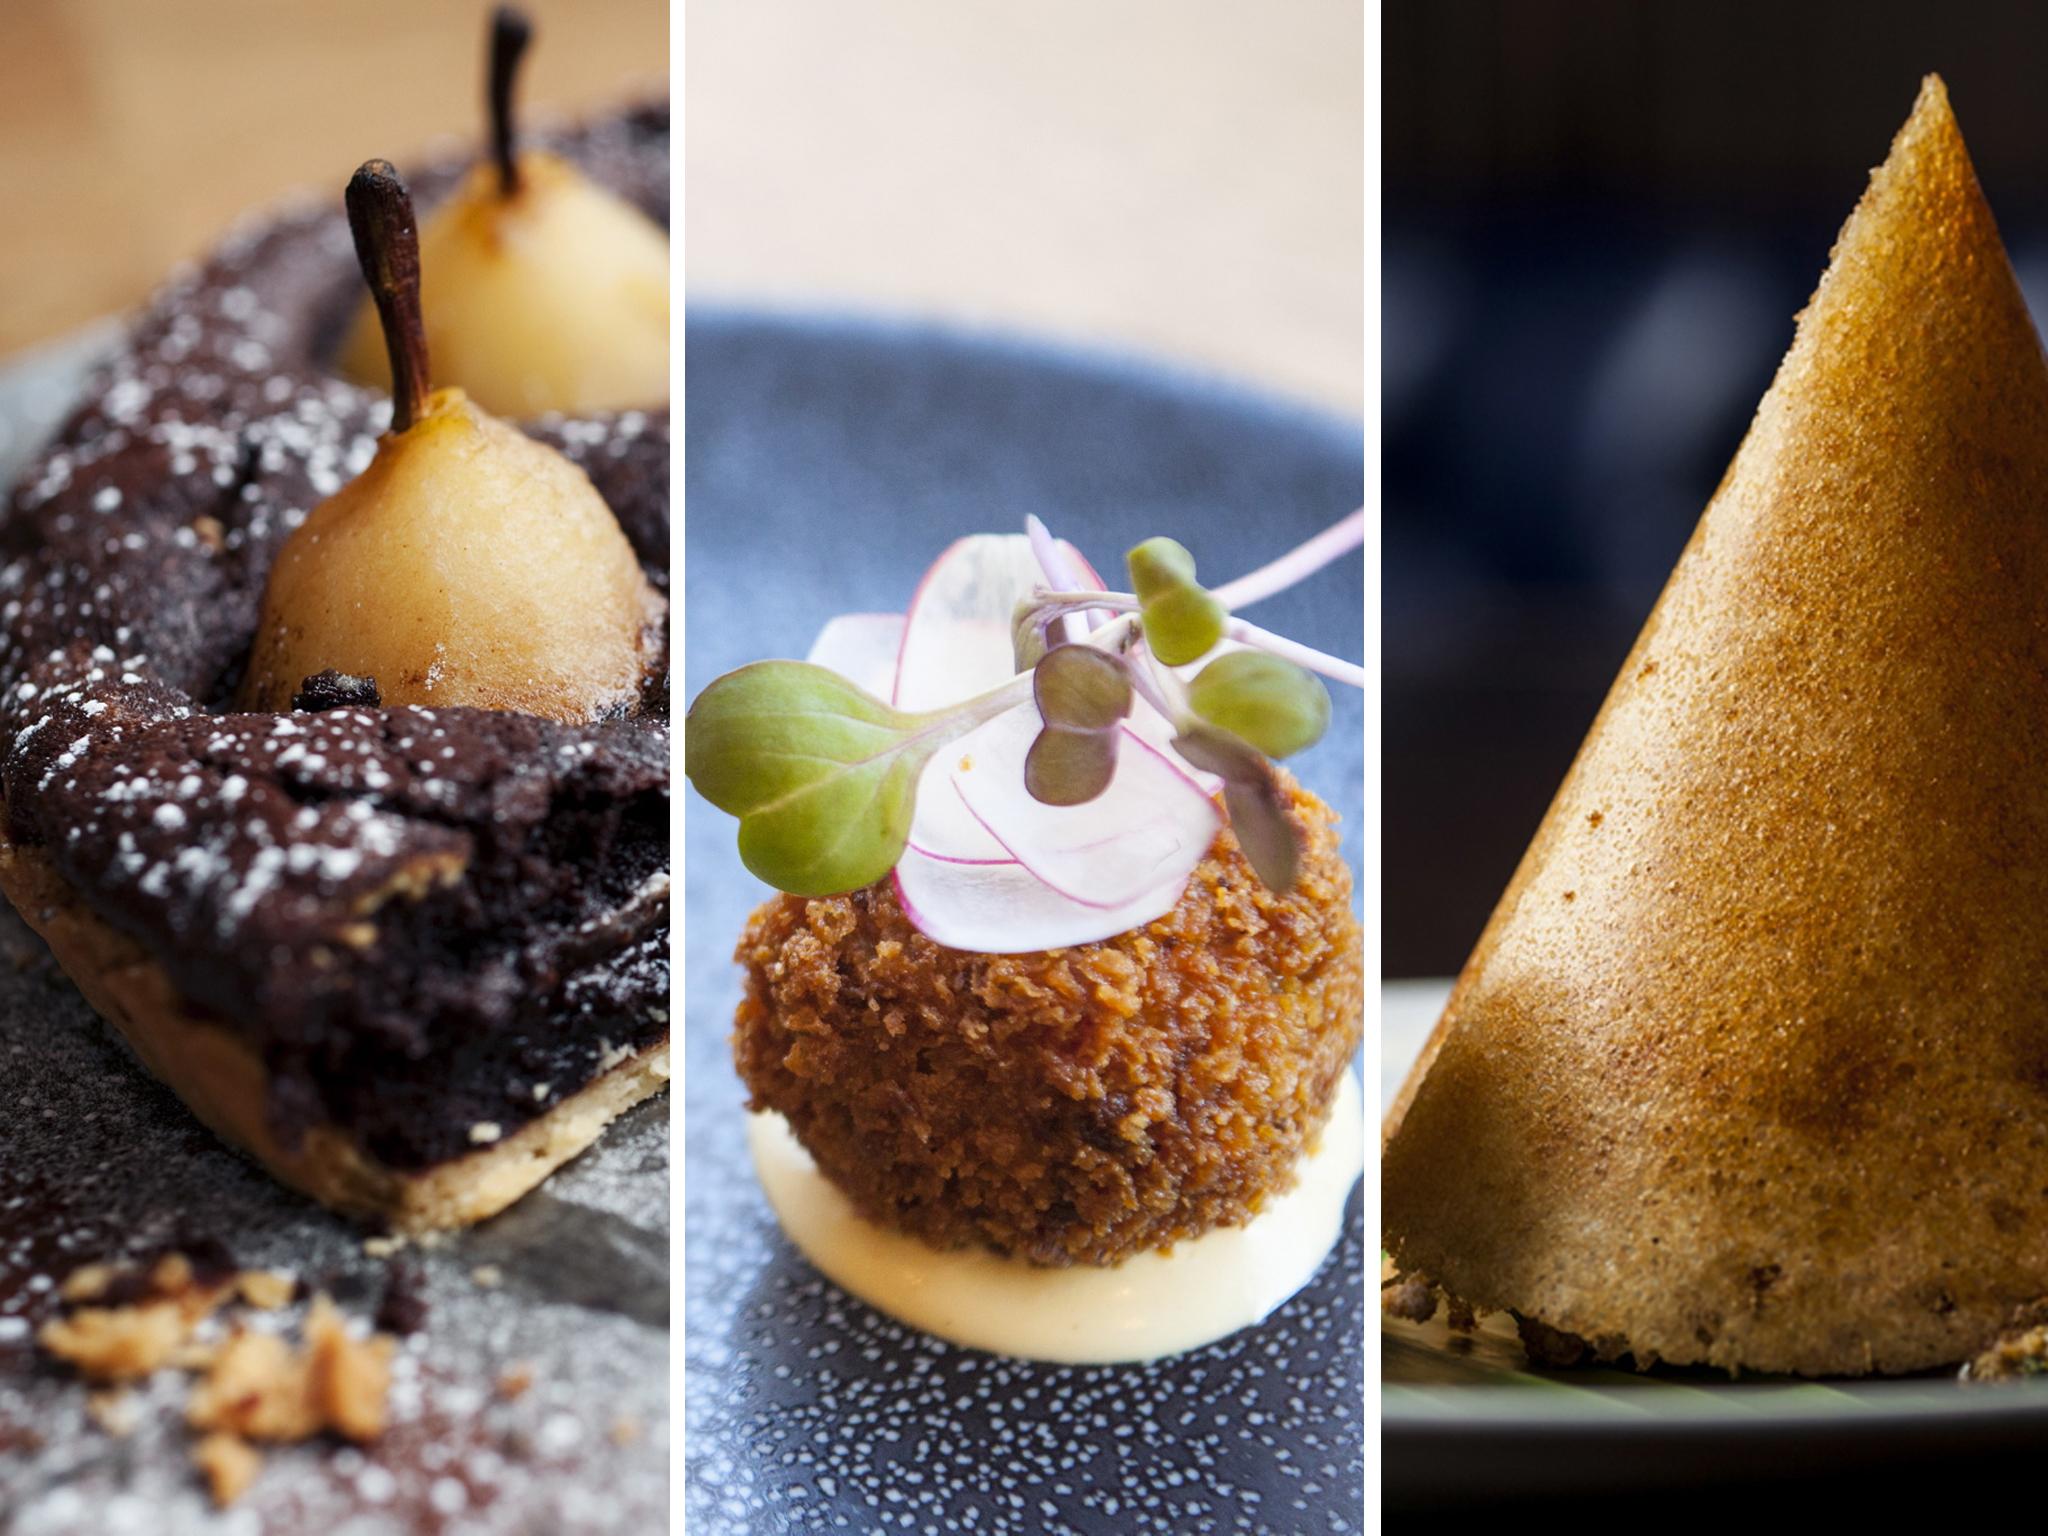 The 100 best restaurants checklist